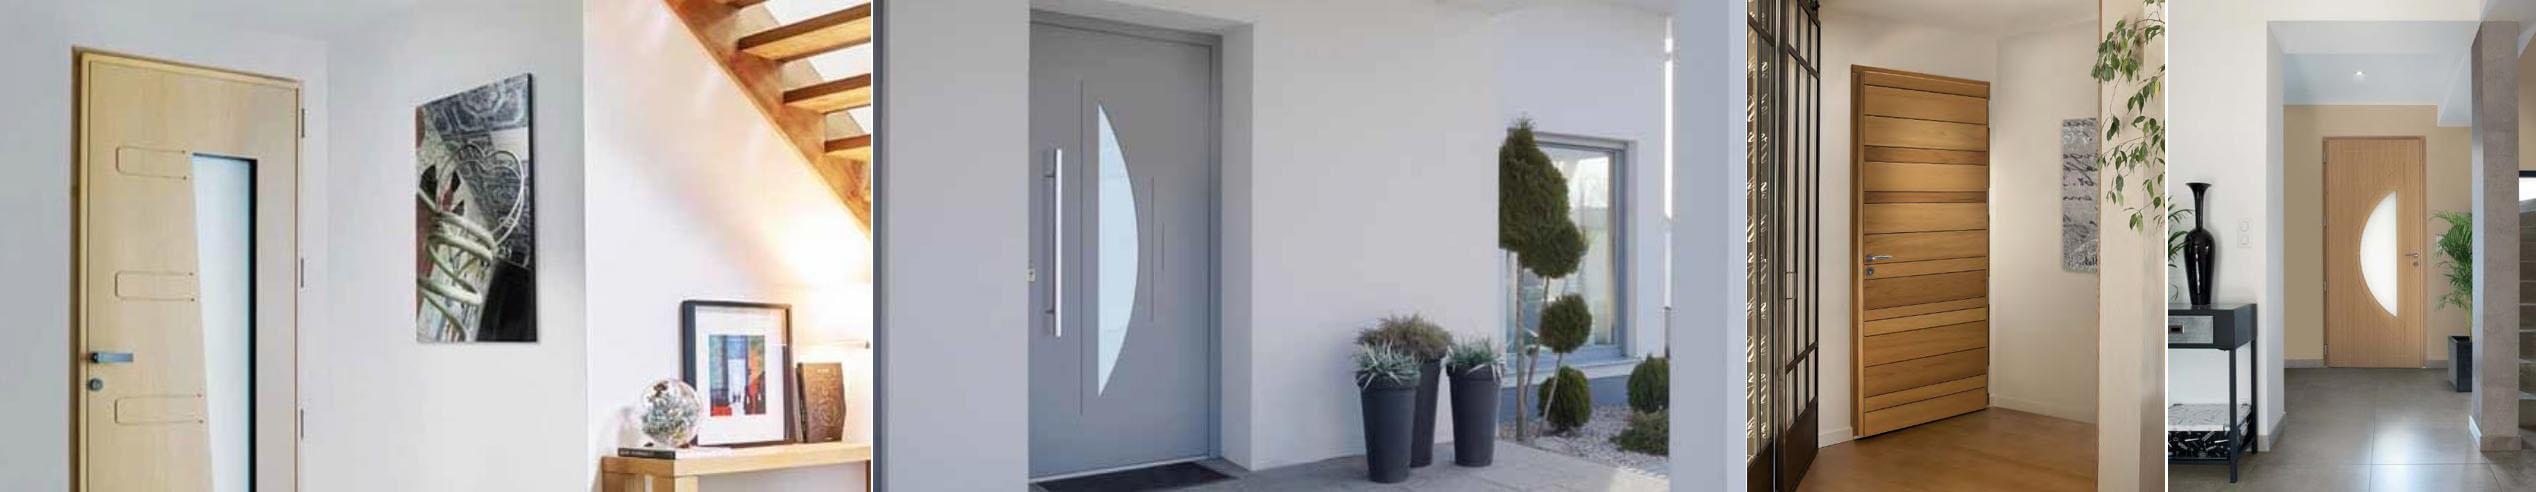 Porte d entr e alu pvc bois vitr e orl ans saint jean de la ruelle - Habillage de porte d entree ...